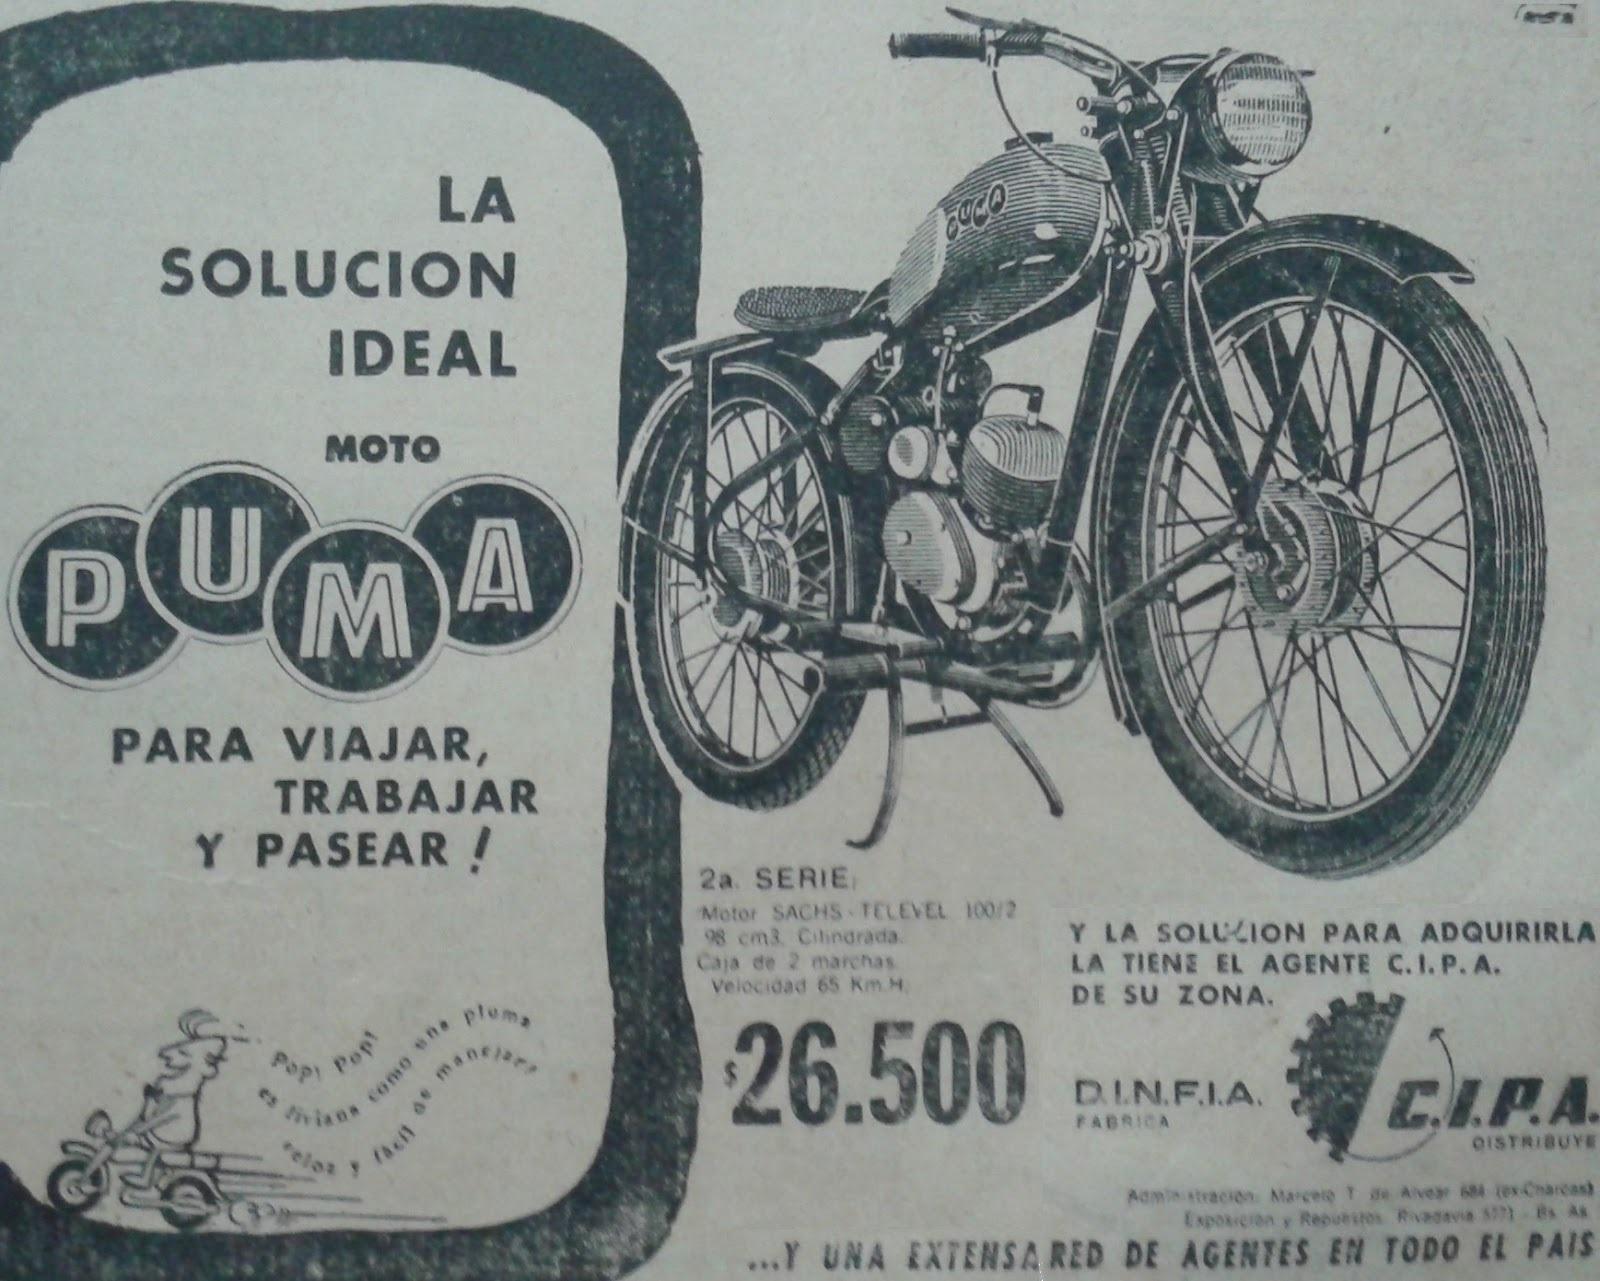 Catálogo moto Puma